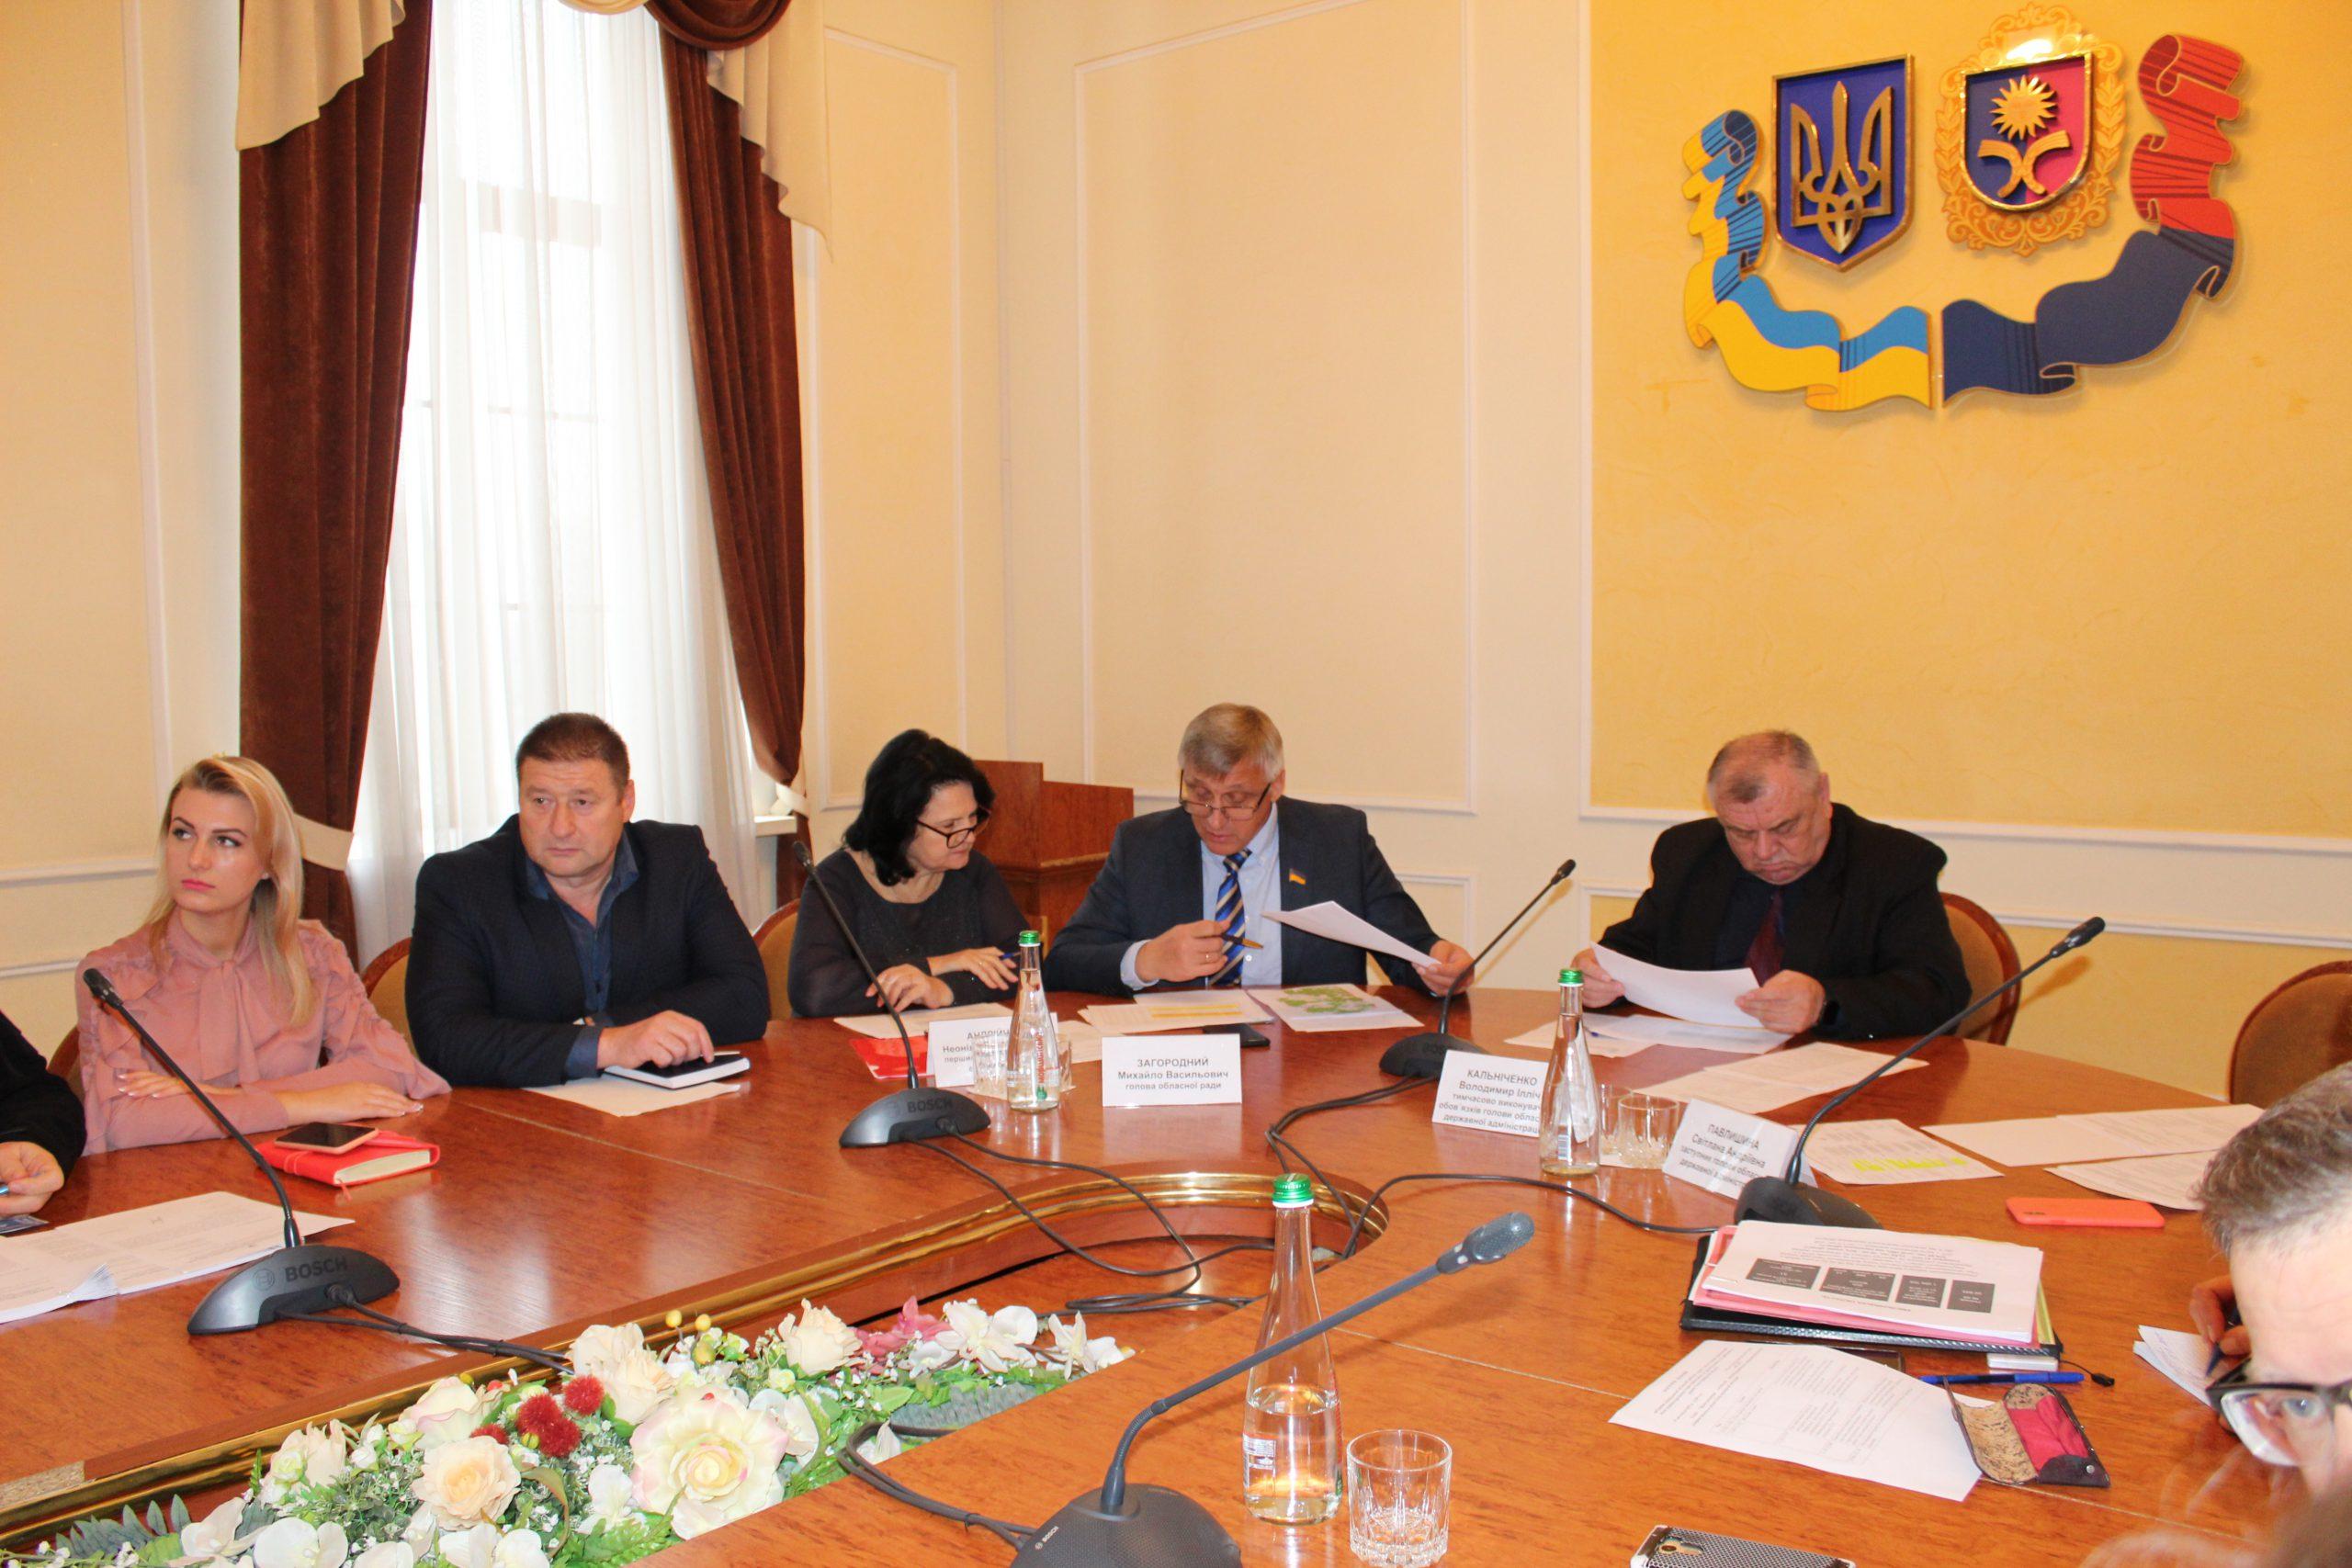 В облдержадміністрації обговорили пропозиції щодо внесення змін до перспективного плану формування ОТГ